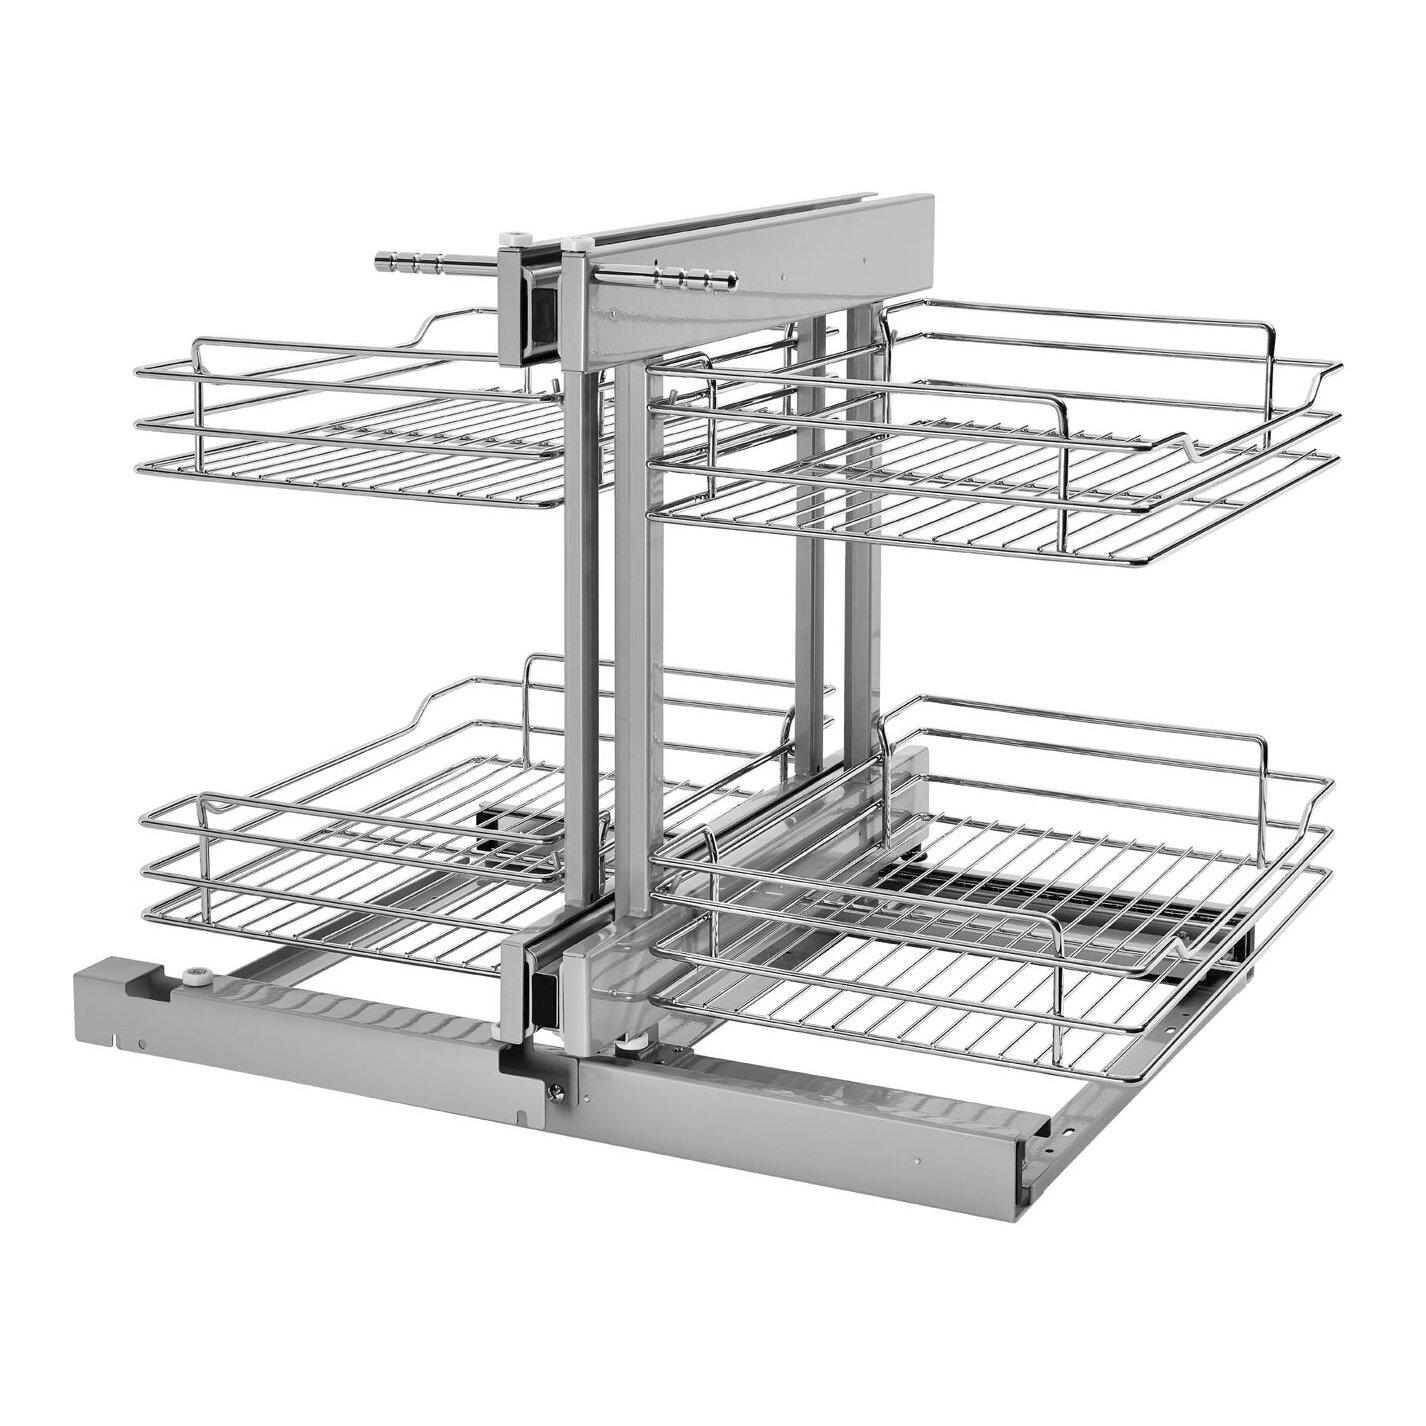 rev a shelf corner cabinet pull out chrome 2 tier basket. Black Bedroom Furniture Sets. Home Design Ideas